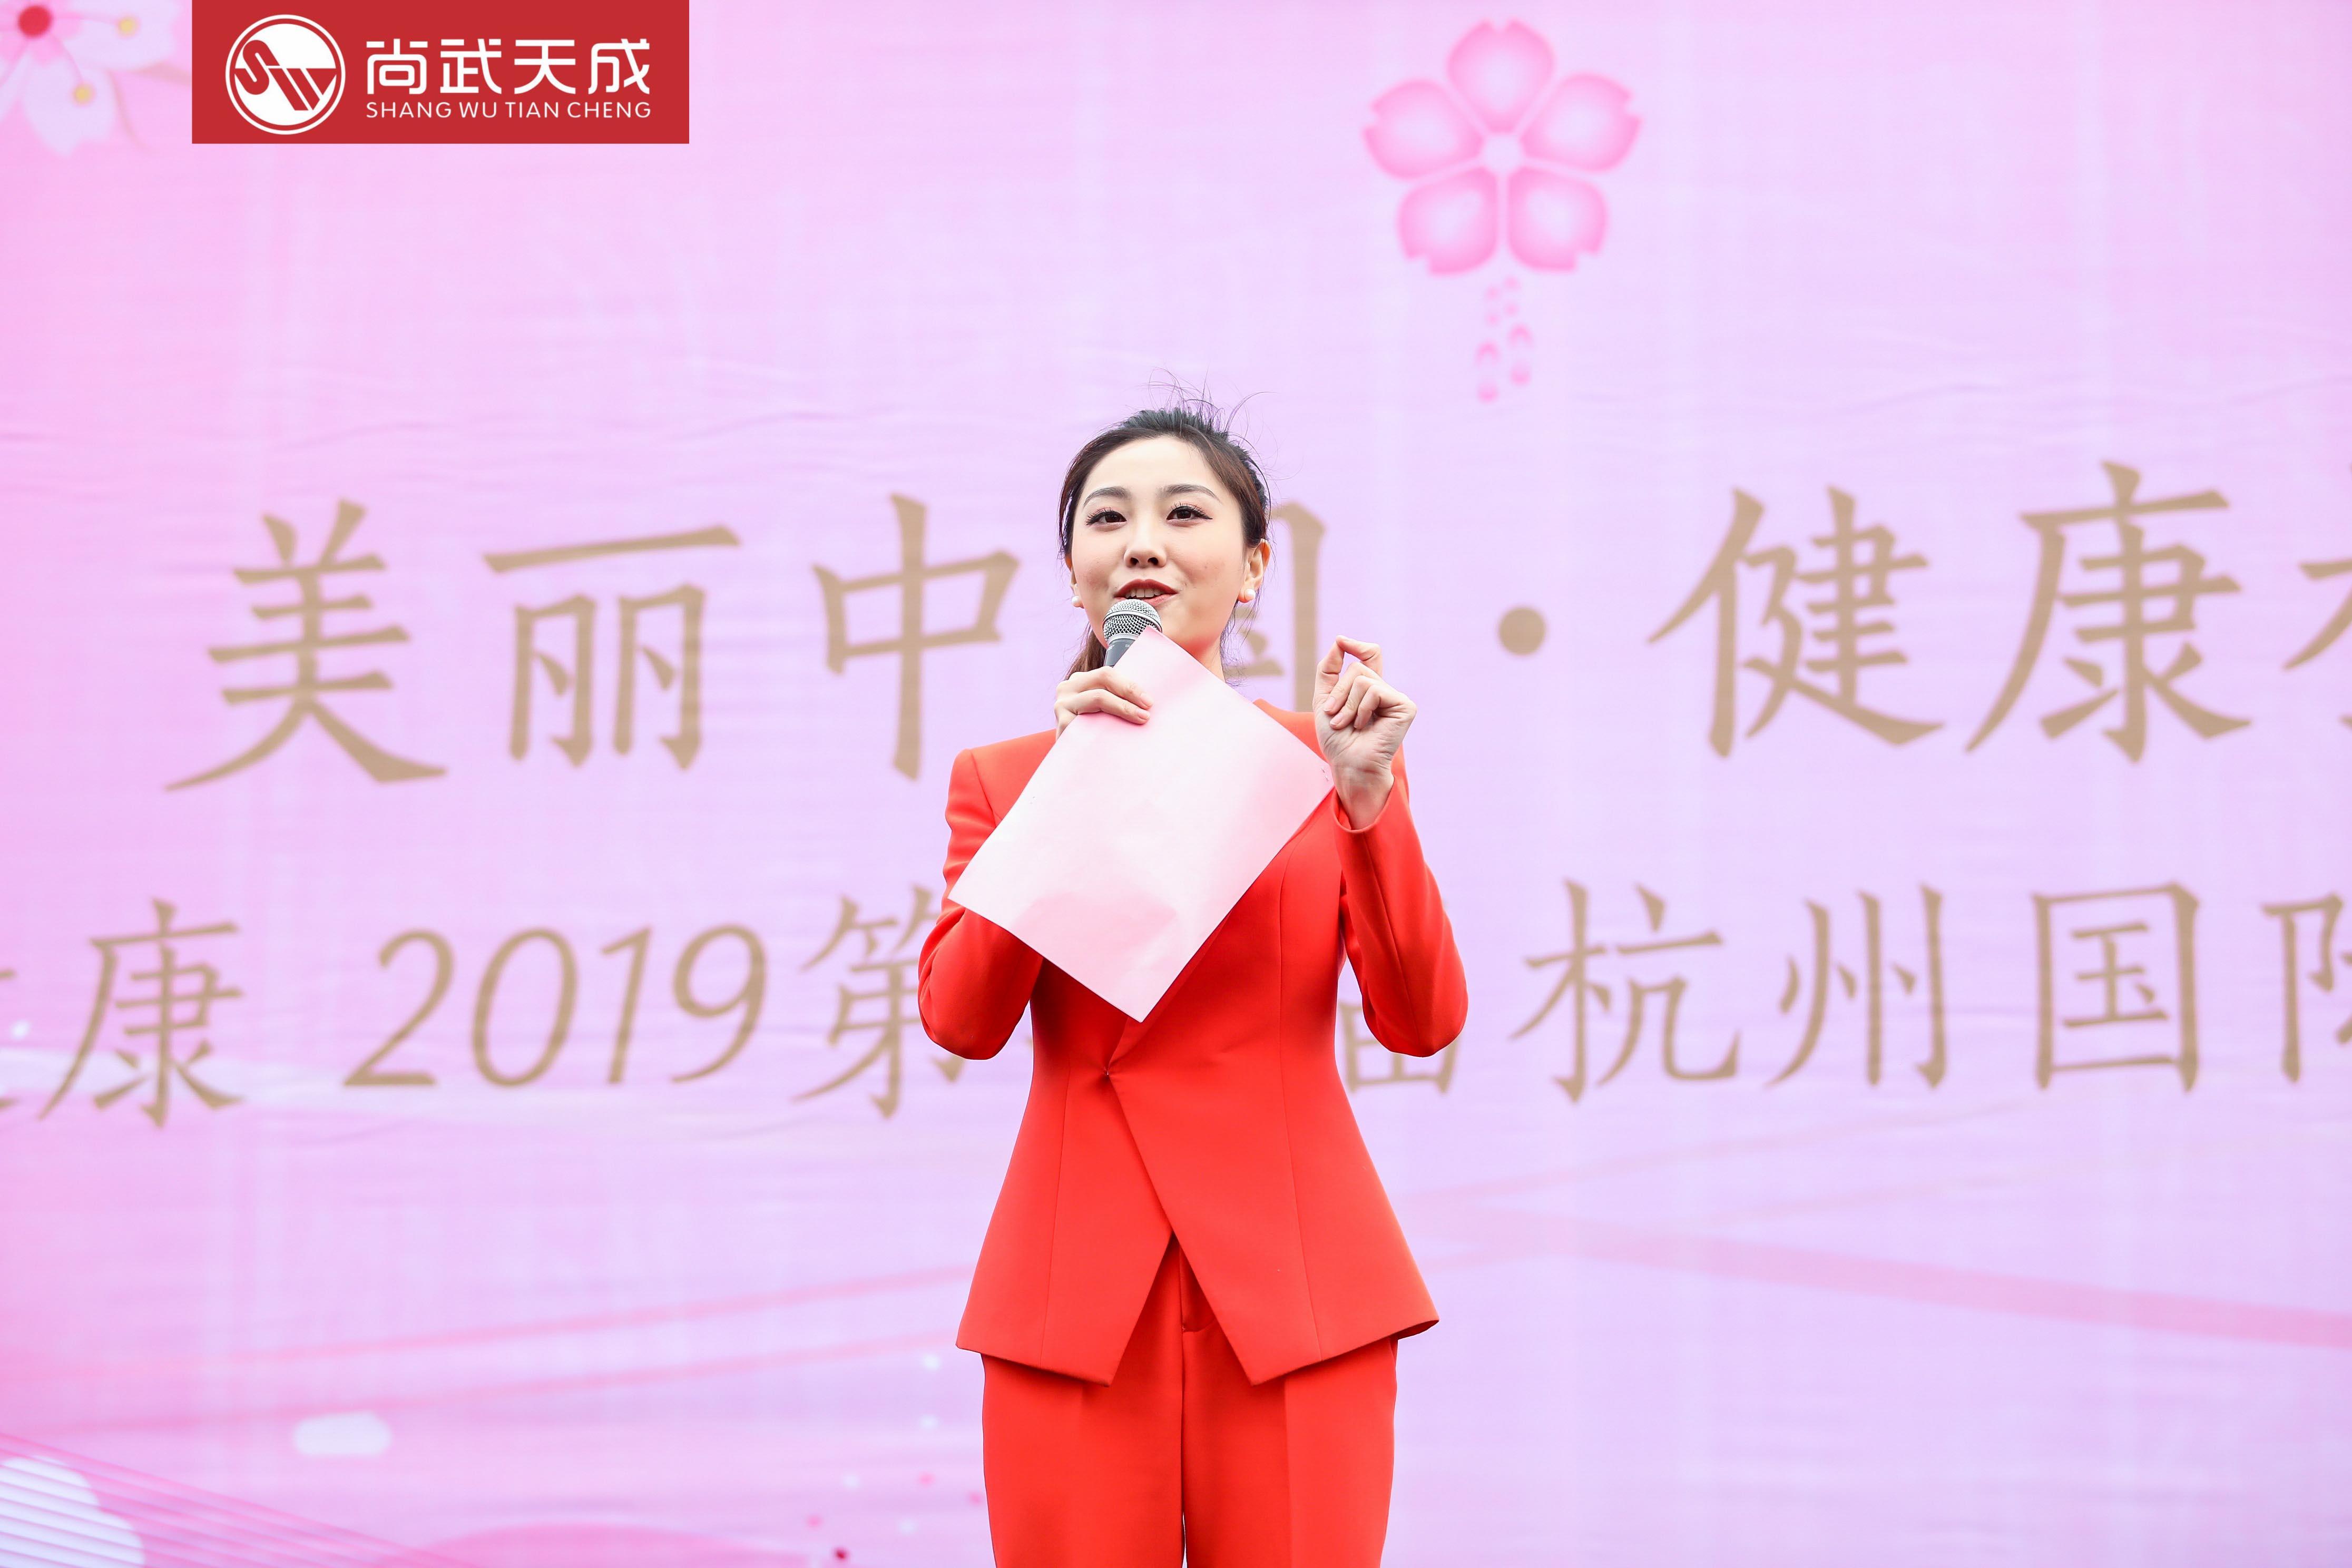 2019第二届杭州国际樱花徒步节(浙江杭州)